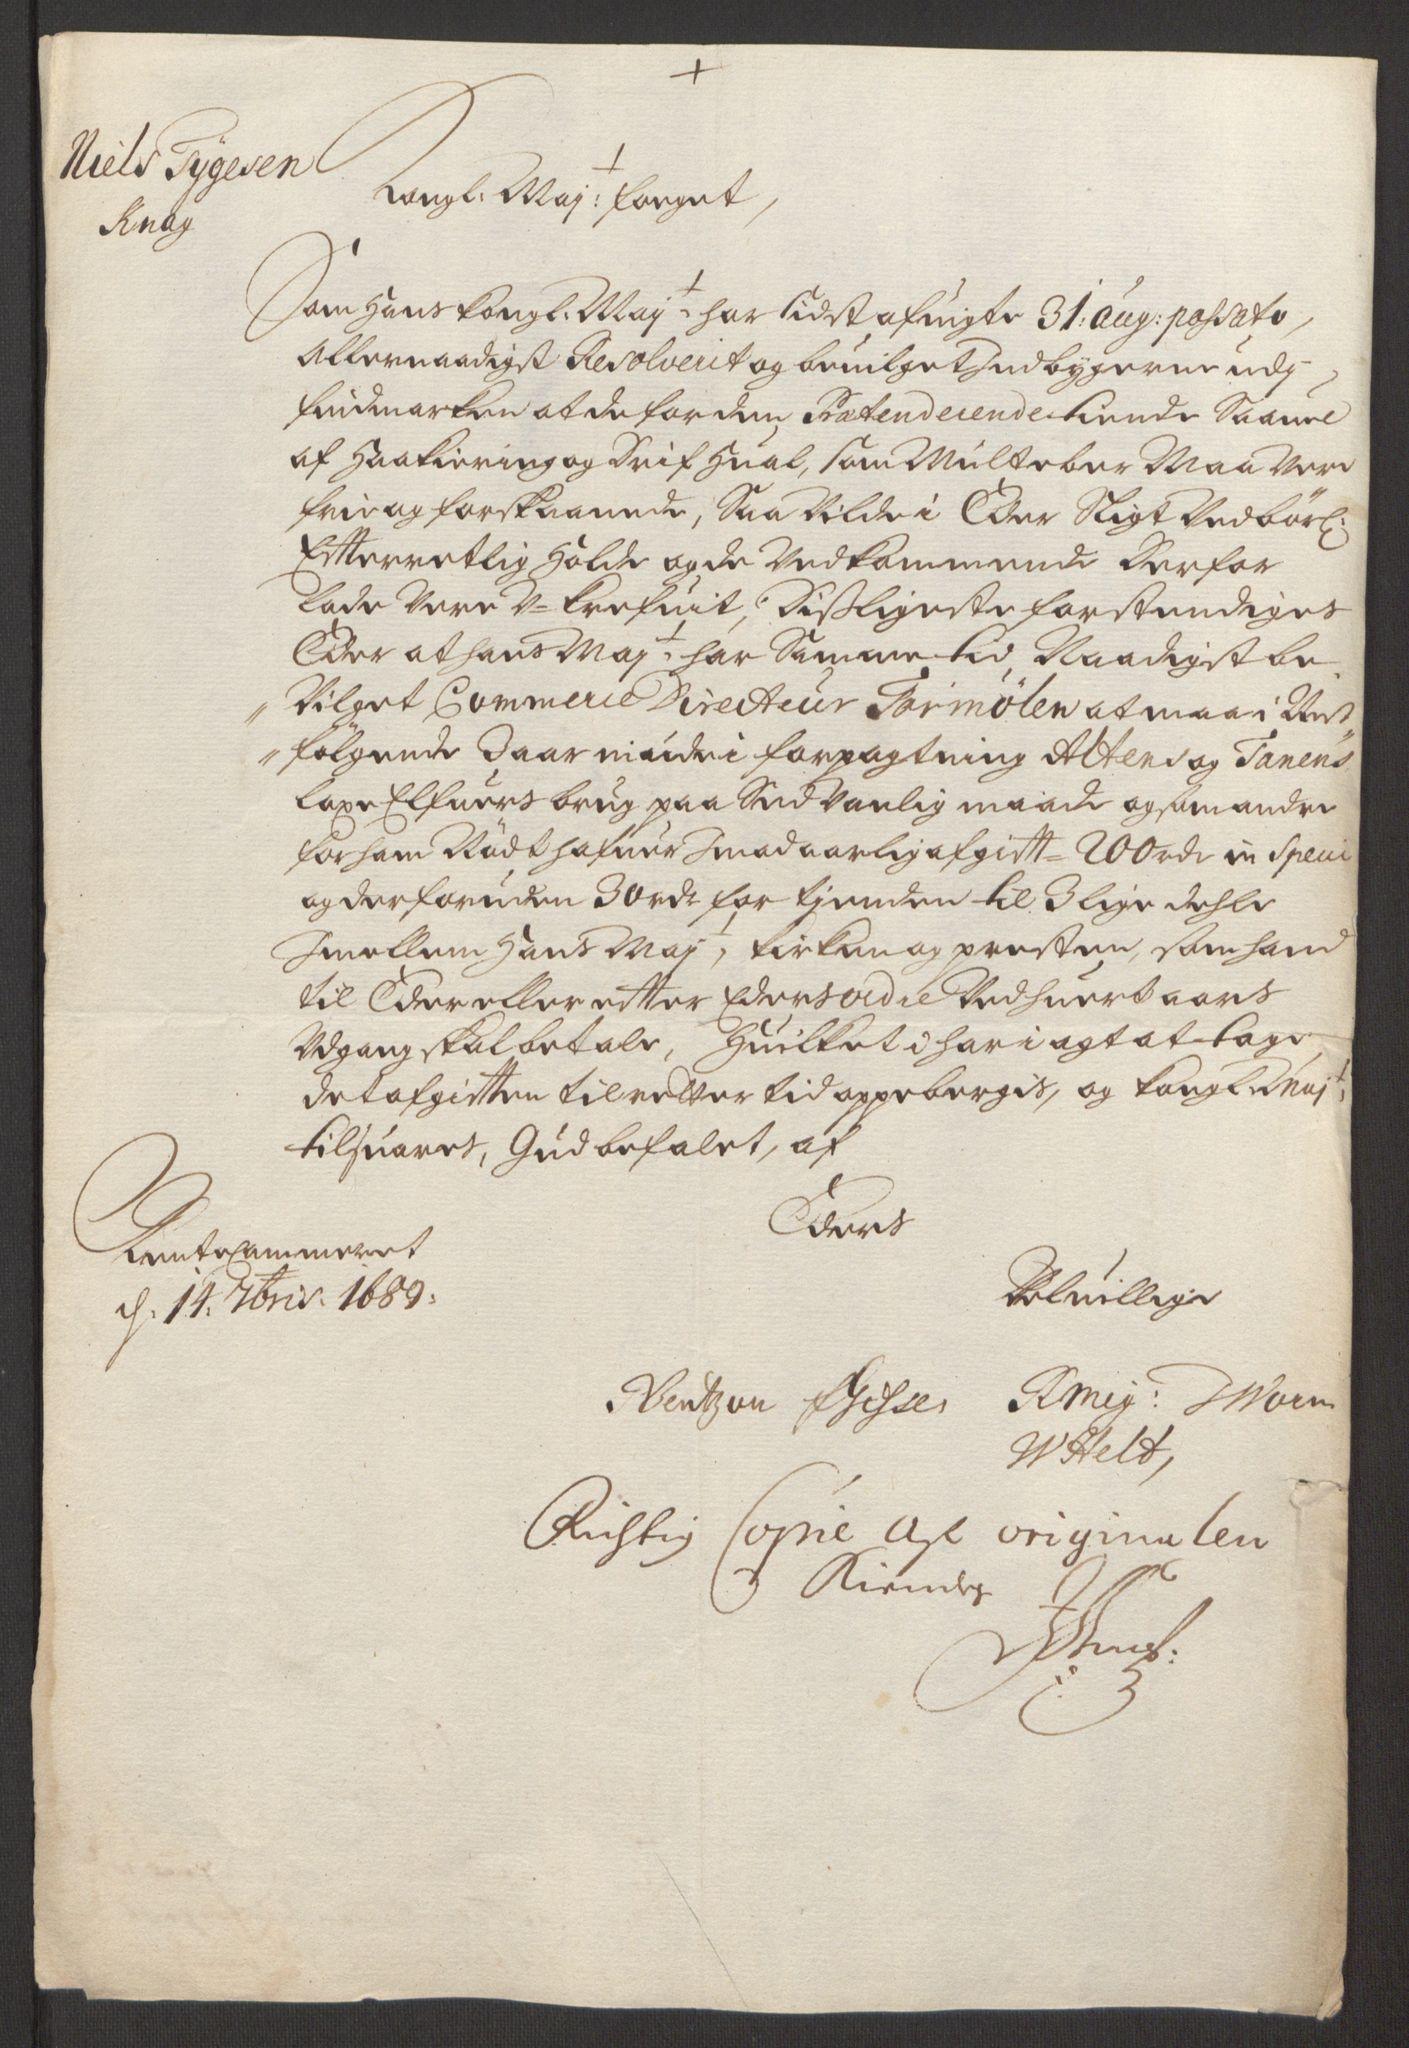 RA, Rentekammeret inntil 1814, Reviderte regnskaper, Fogderegnskap, R69/L4851: Fogderegnskap Finnmark/Vardøhus, 1691-1700, s. 34